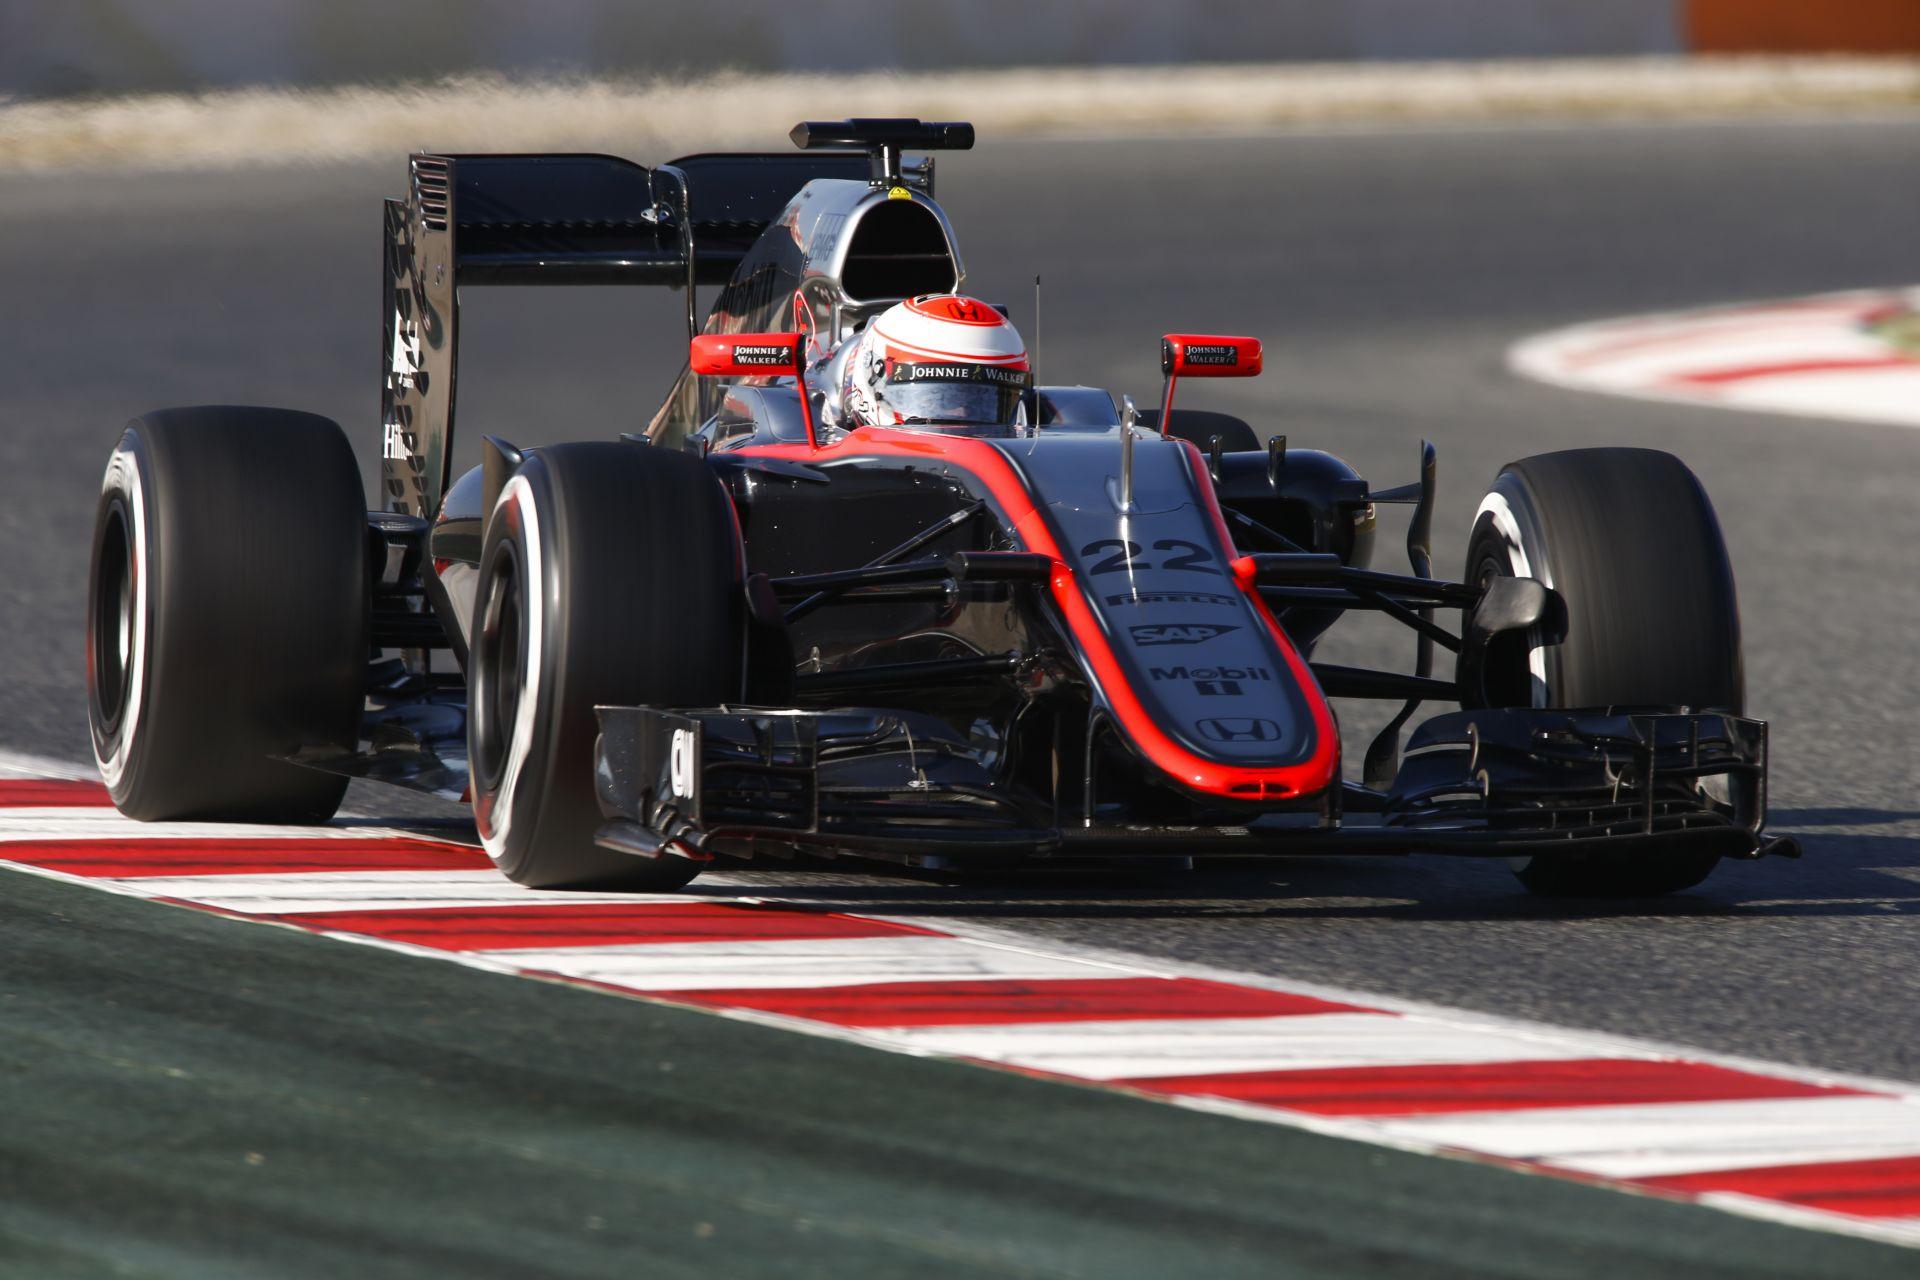 Button: Kár, hogy Alonso nincs itt, de Magnussen jó munkát fog végezni a helyén